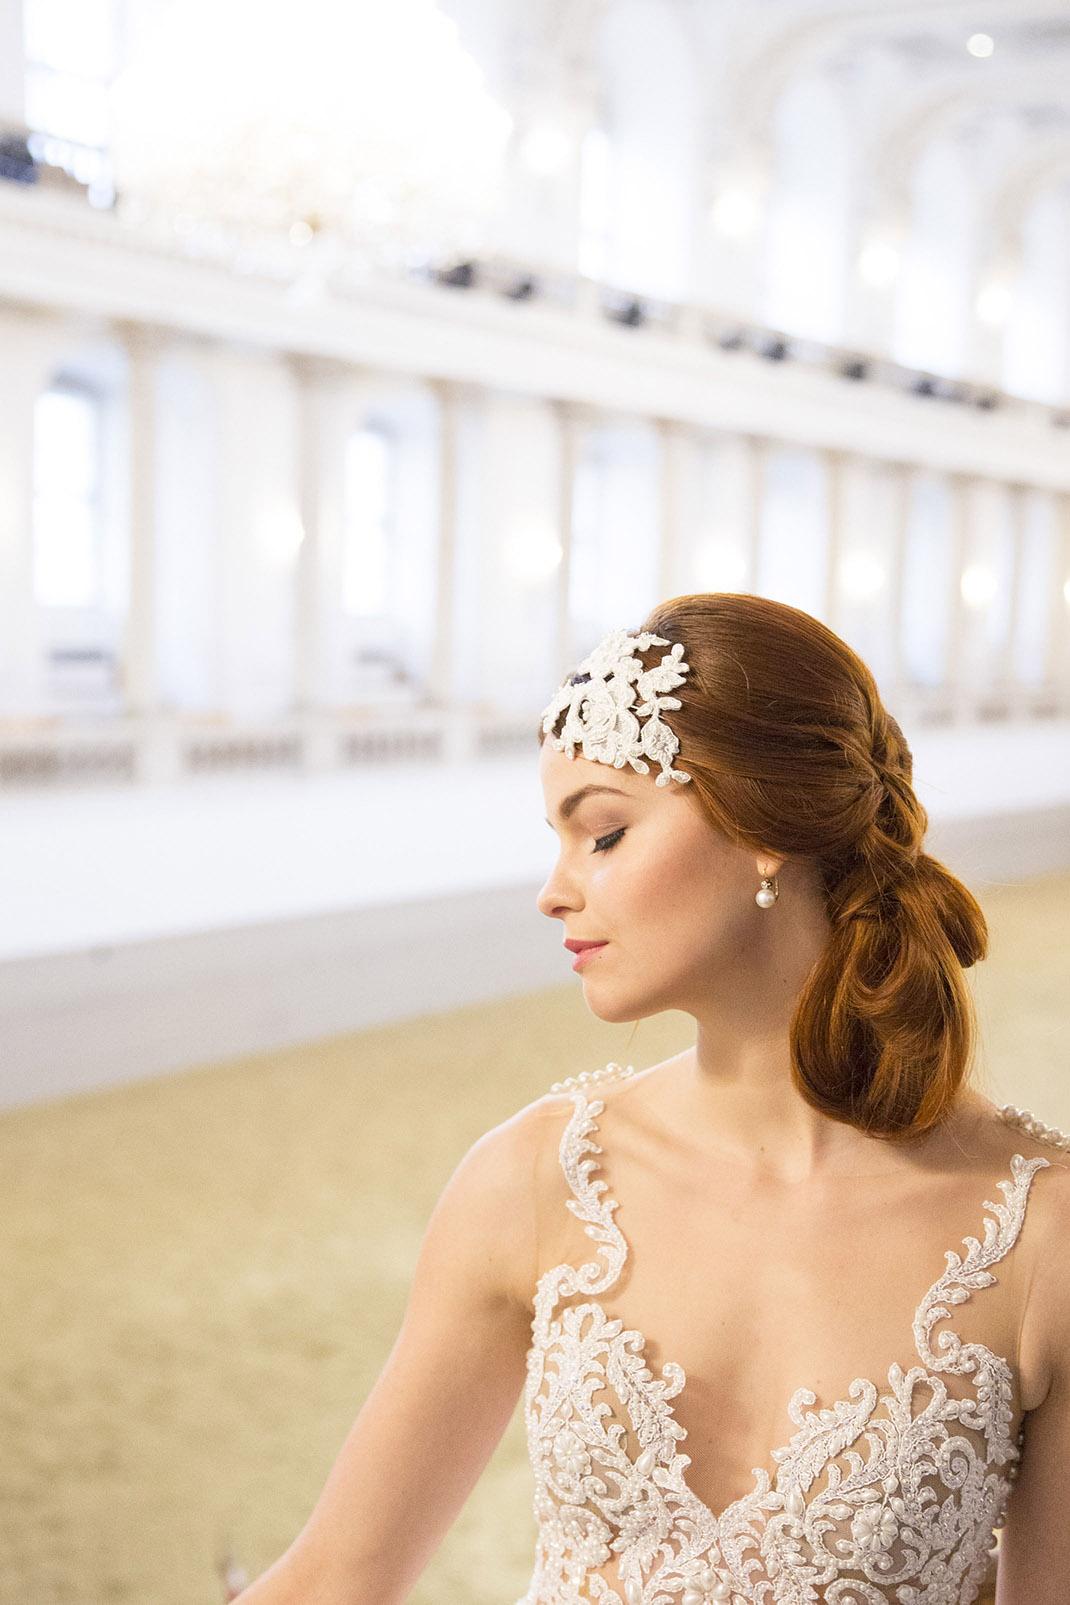 dieElfe_Hochzeitsfotograf_Spanische_Hofreitschule_Vienna_wedding_photography-14